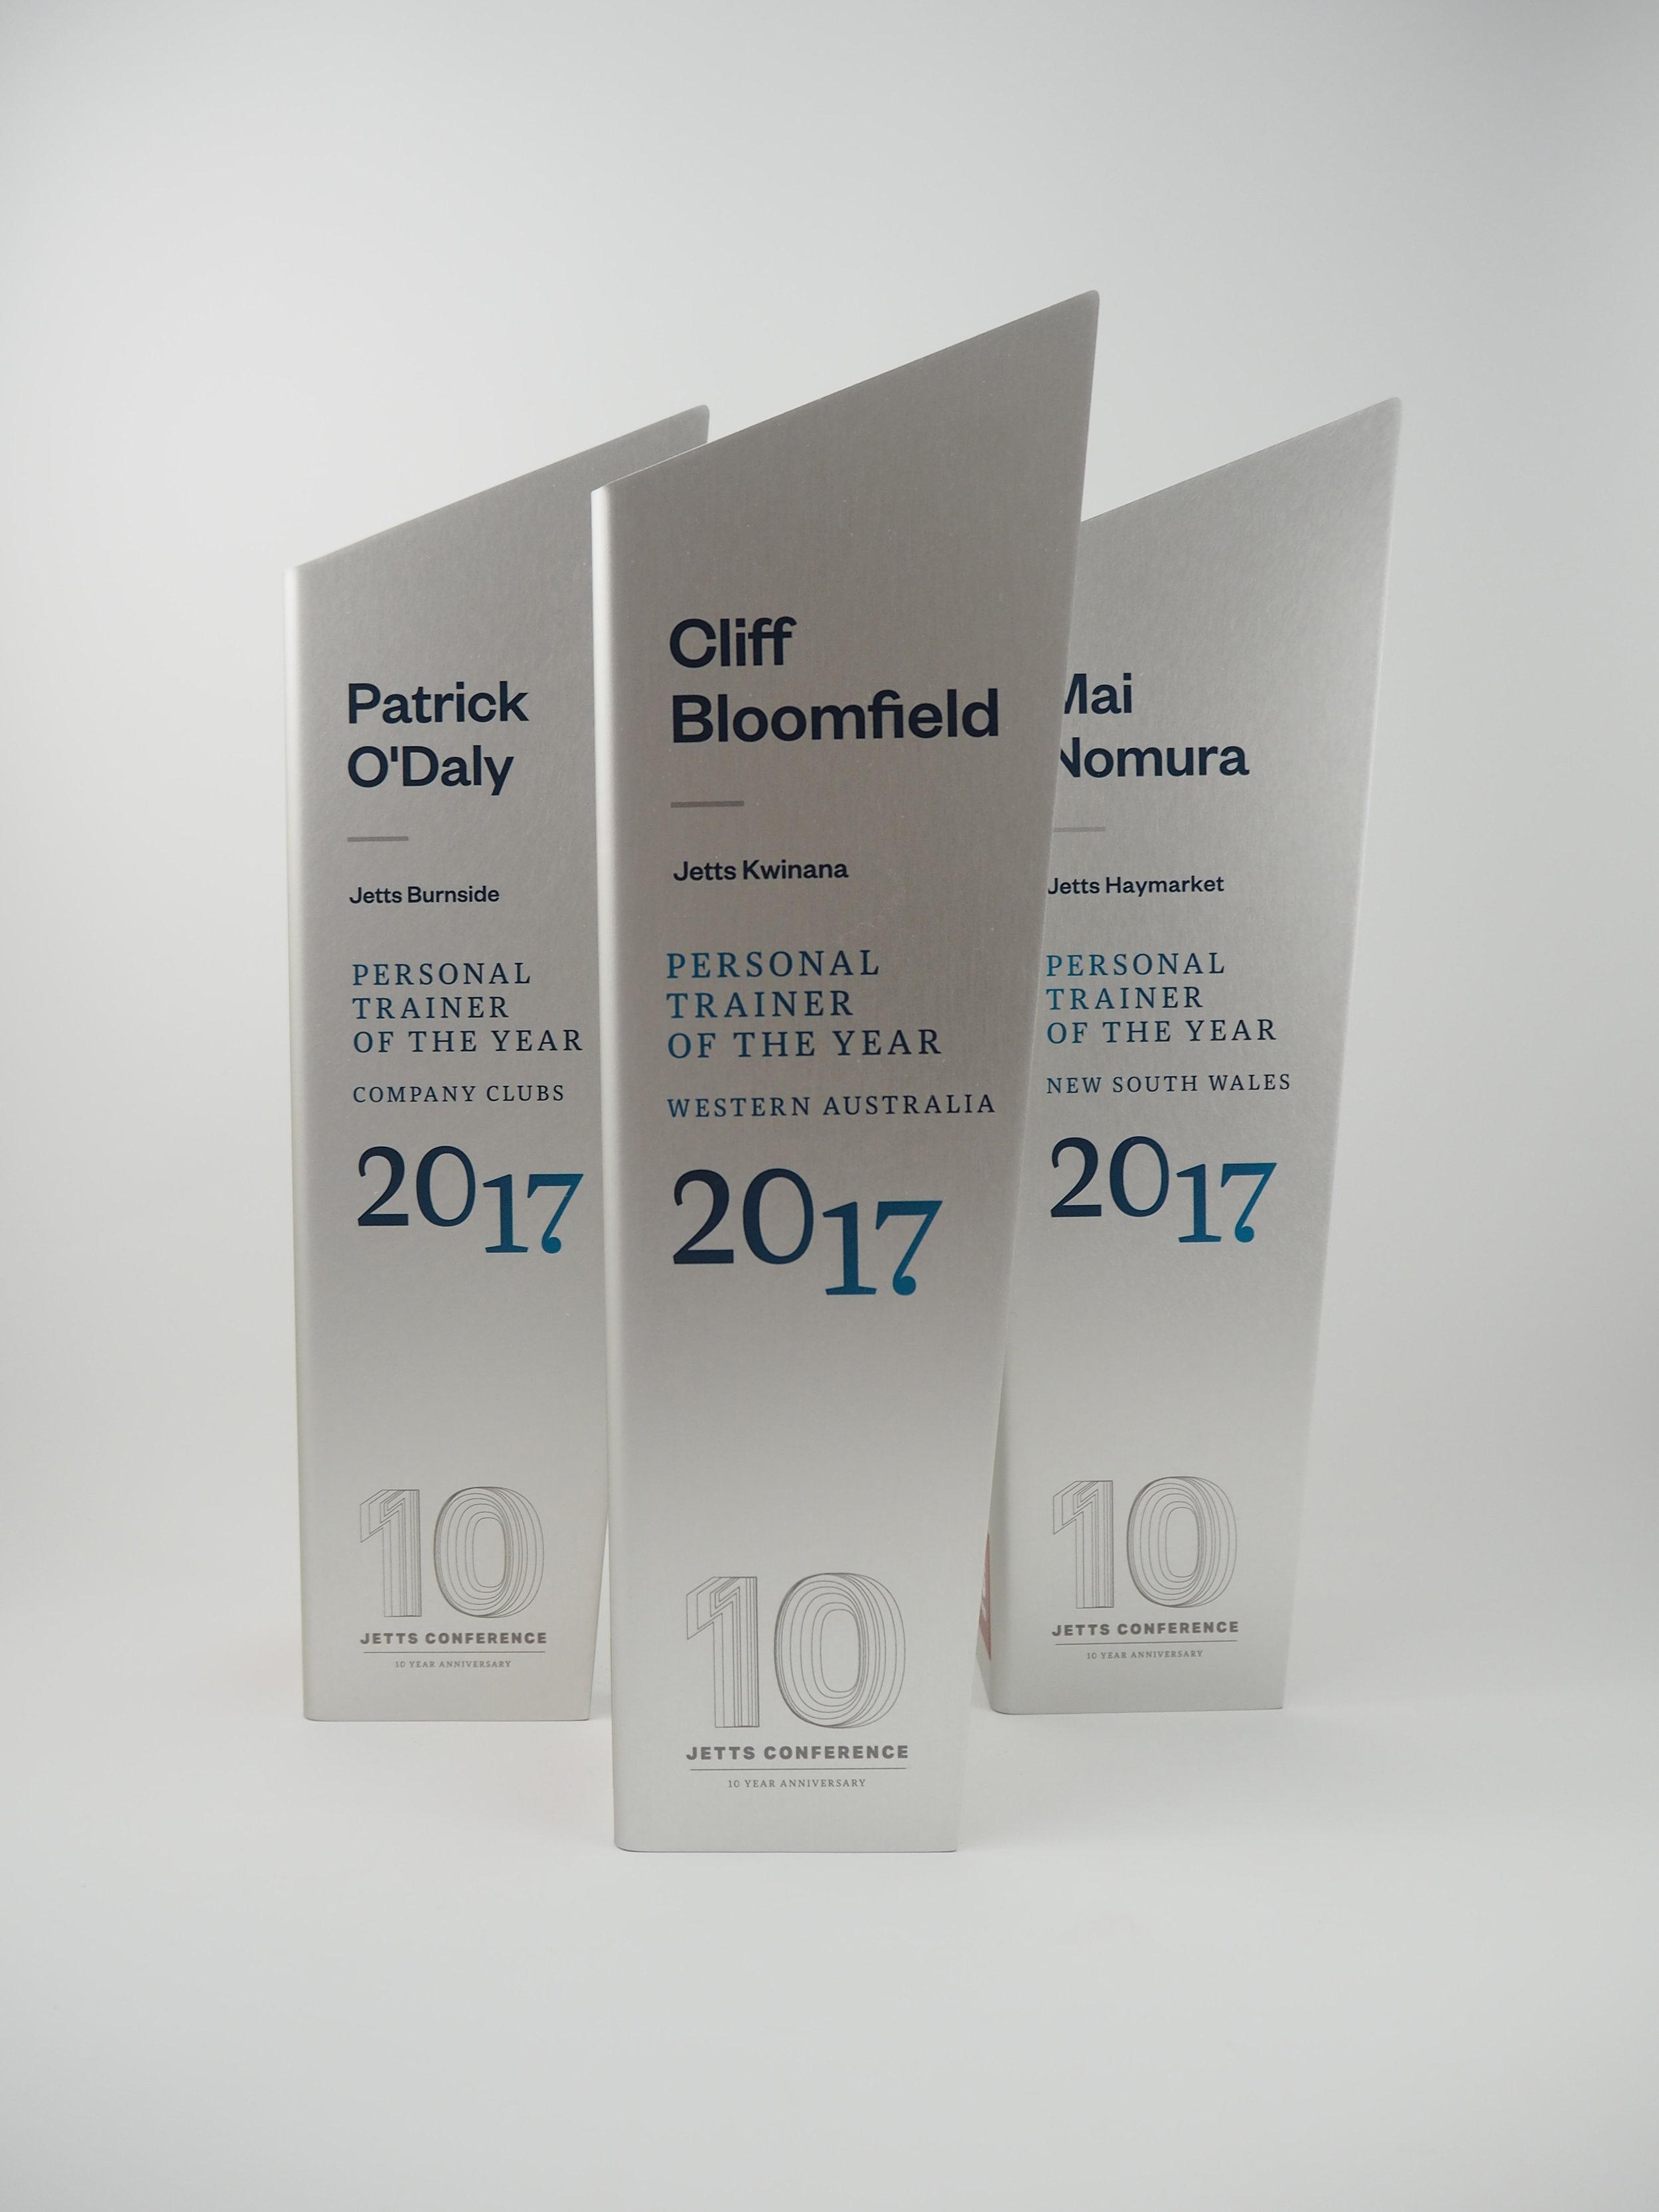 Jetts-eco-aluminium-trophy-award-04.jpg